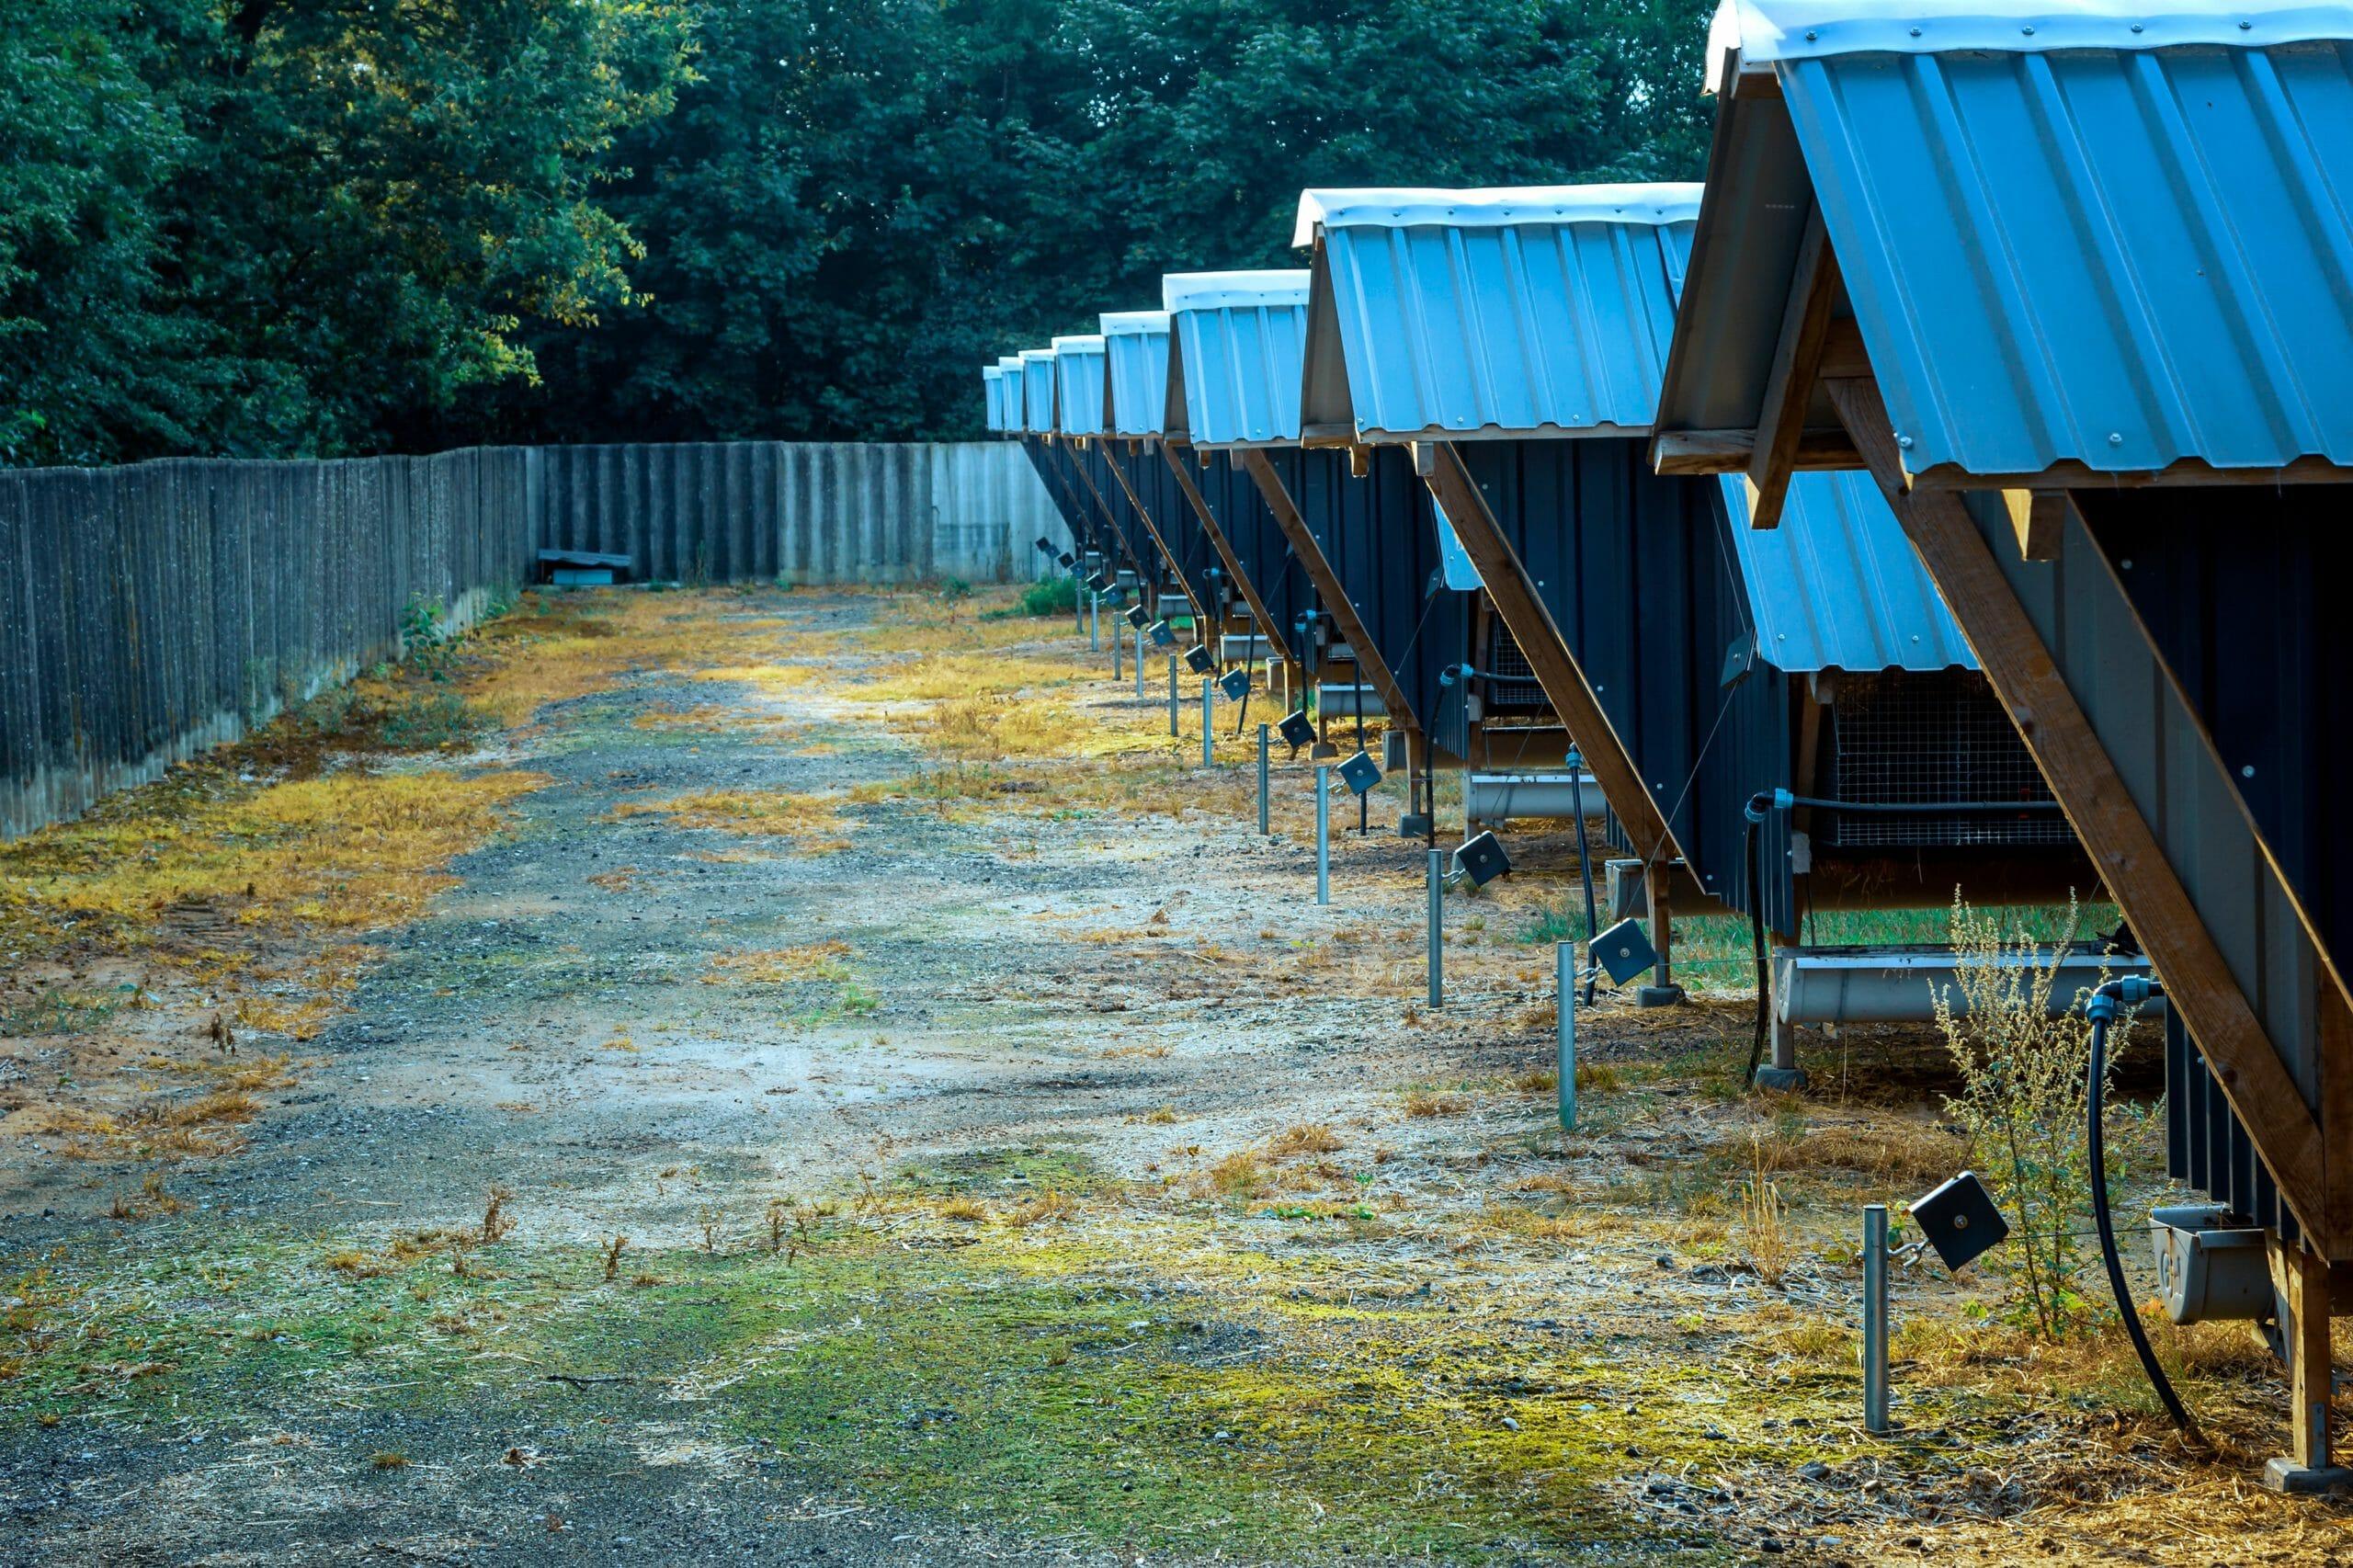 OVERBLIK: Sagen om aflivning af alle mink i Danmark